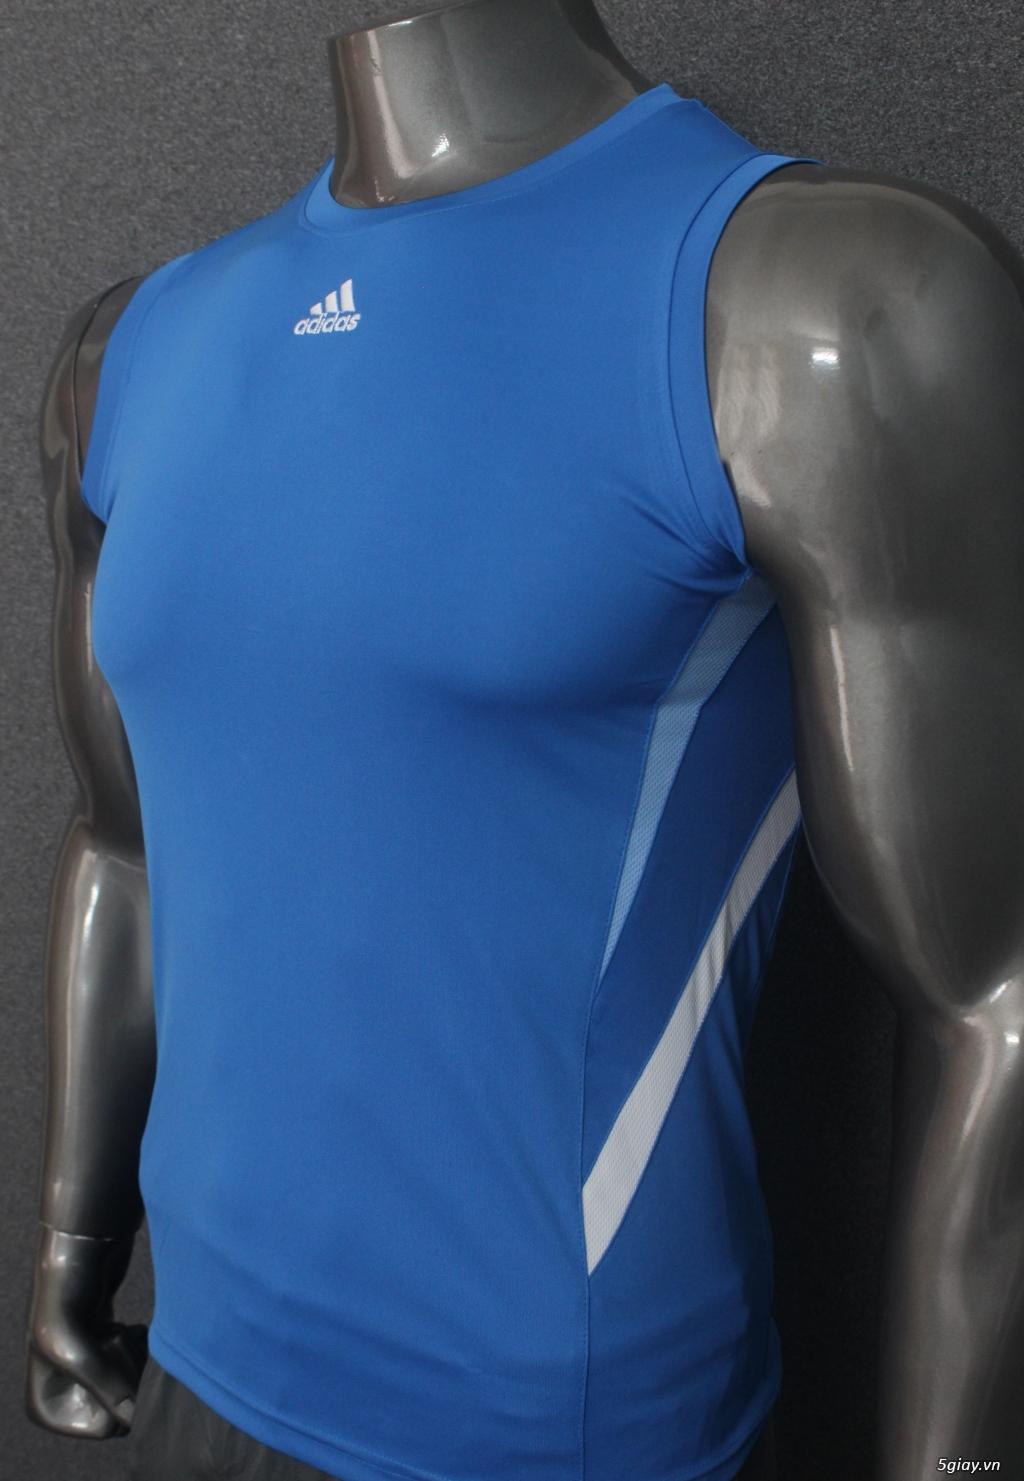 Chuyên cung cấp quần áo thể thao Adidas,Nike,Under Armour,Puma...trên Toàn Quốc giá xưởng - 6